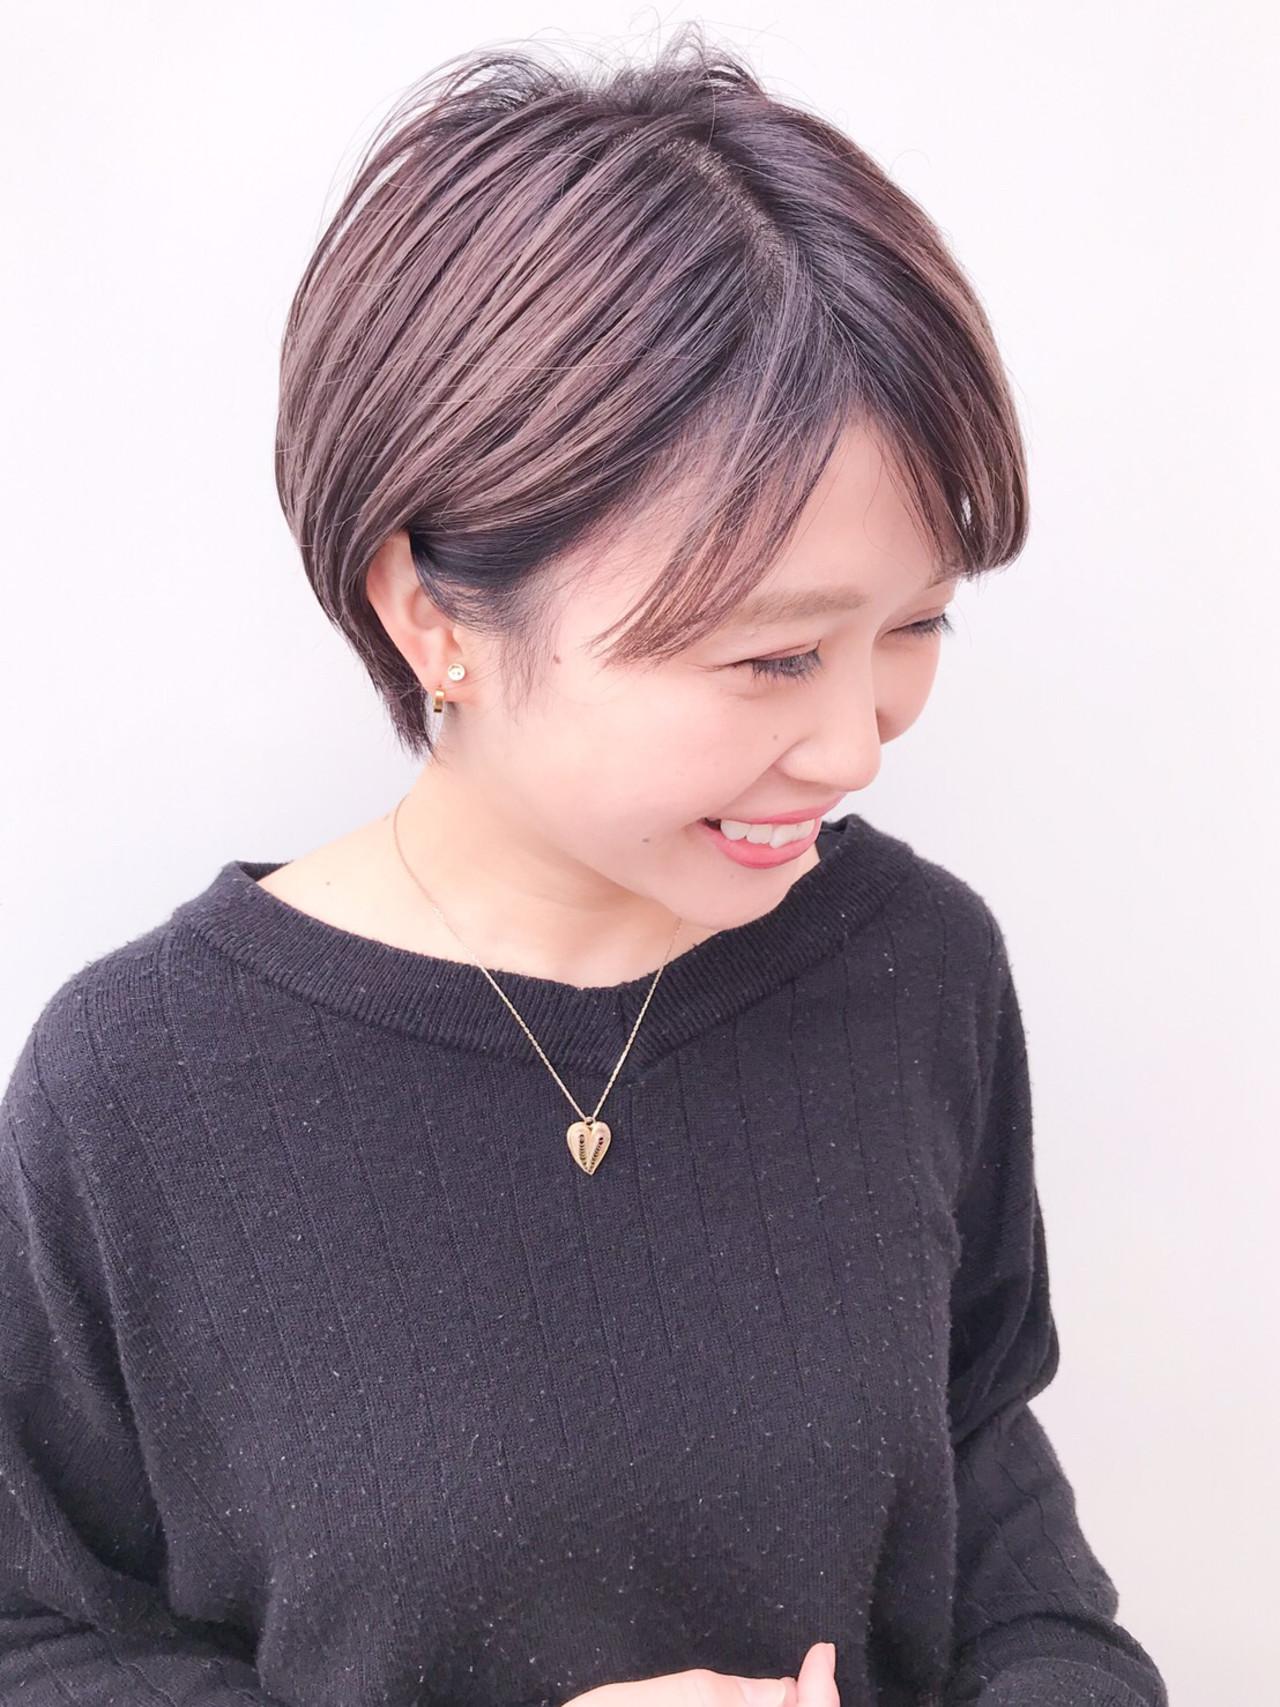 イルミナカラー 丸みショート コンサバ 大人かわいい ヘアスタイルや髪型の写真・画像 | HIROKI / roijir / roijir